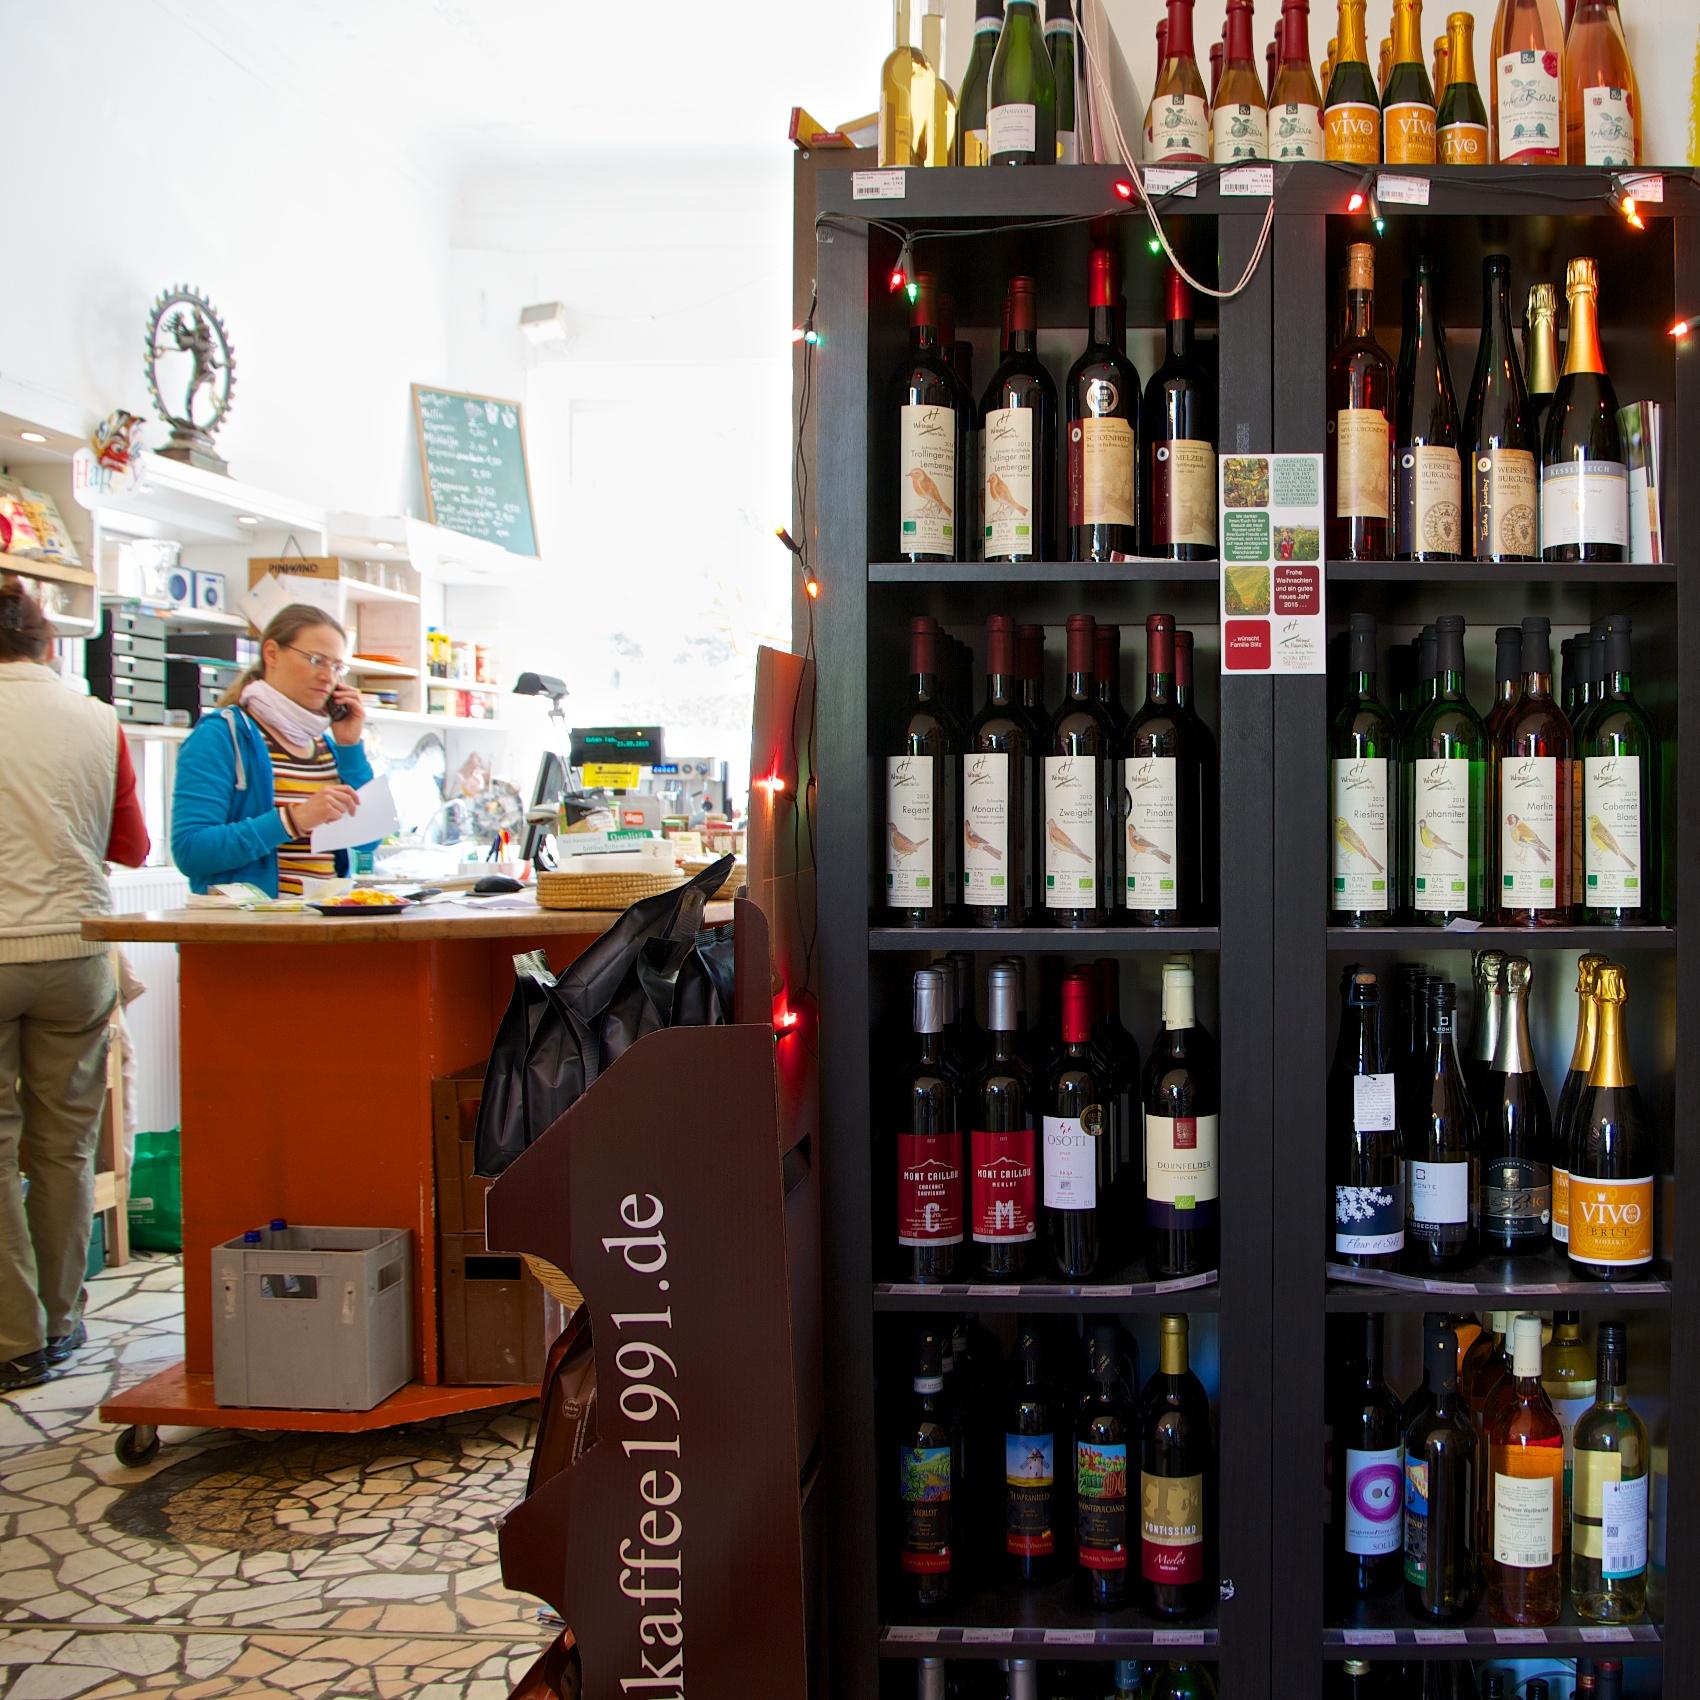 Achim Stilz Weine - Weingut im Hagenbüchle